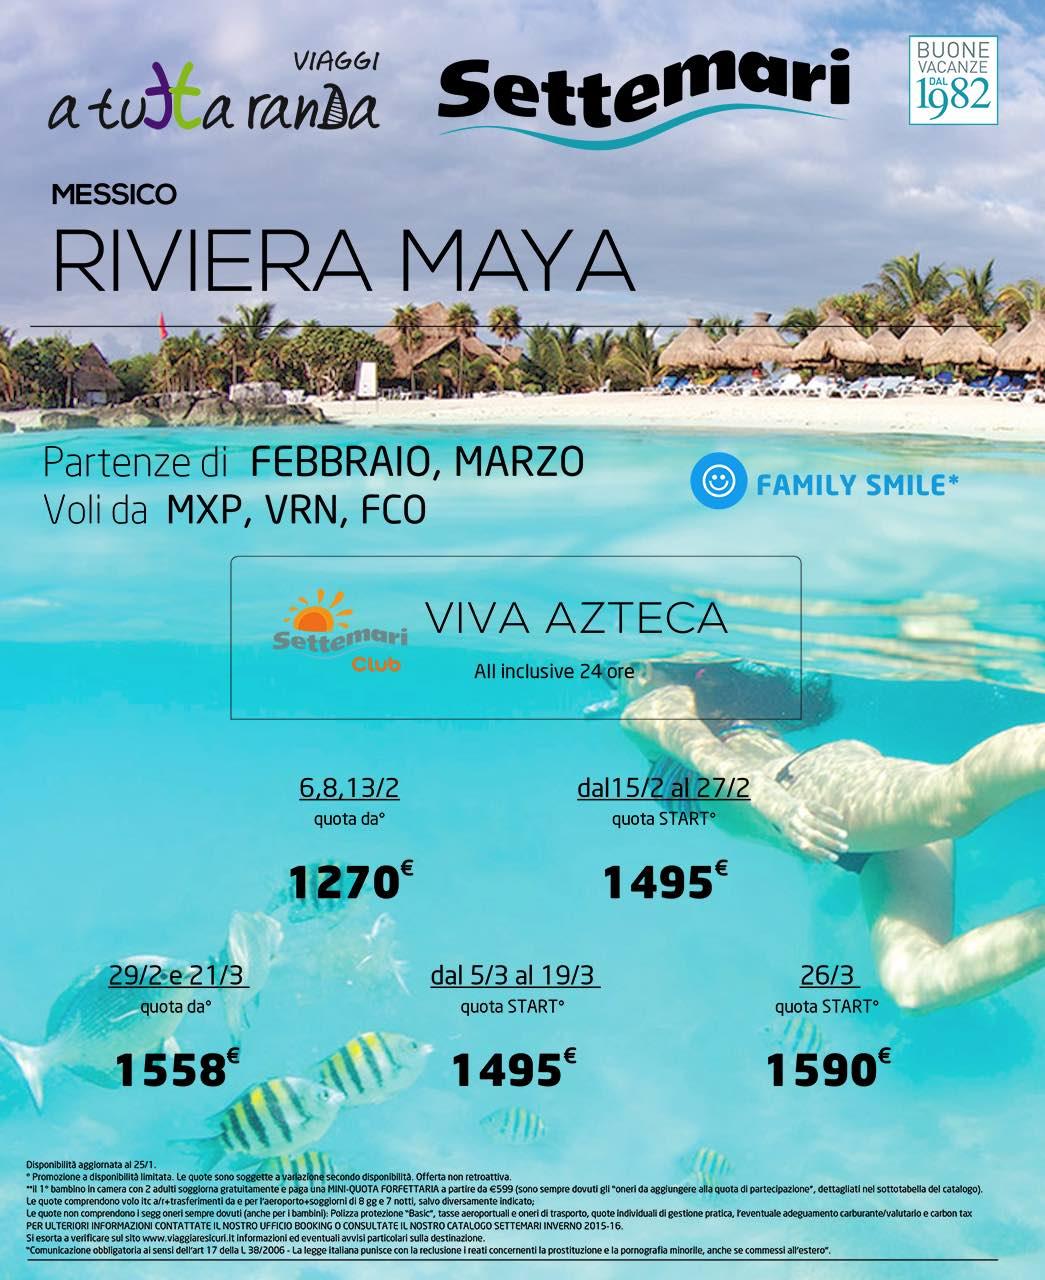 Immergetevi nella Riviera Maya